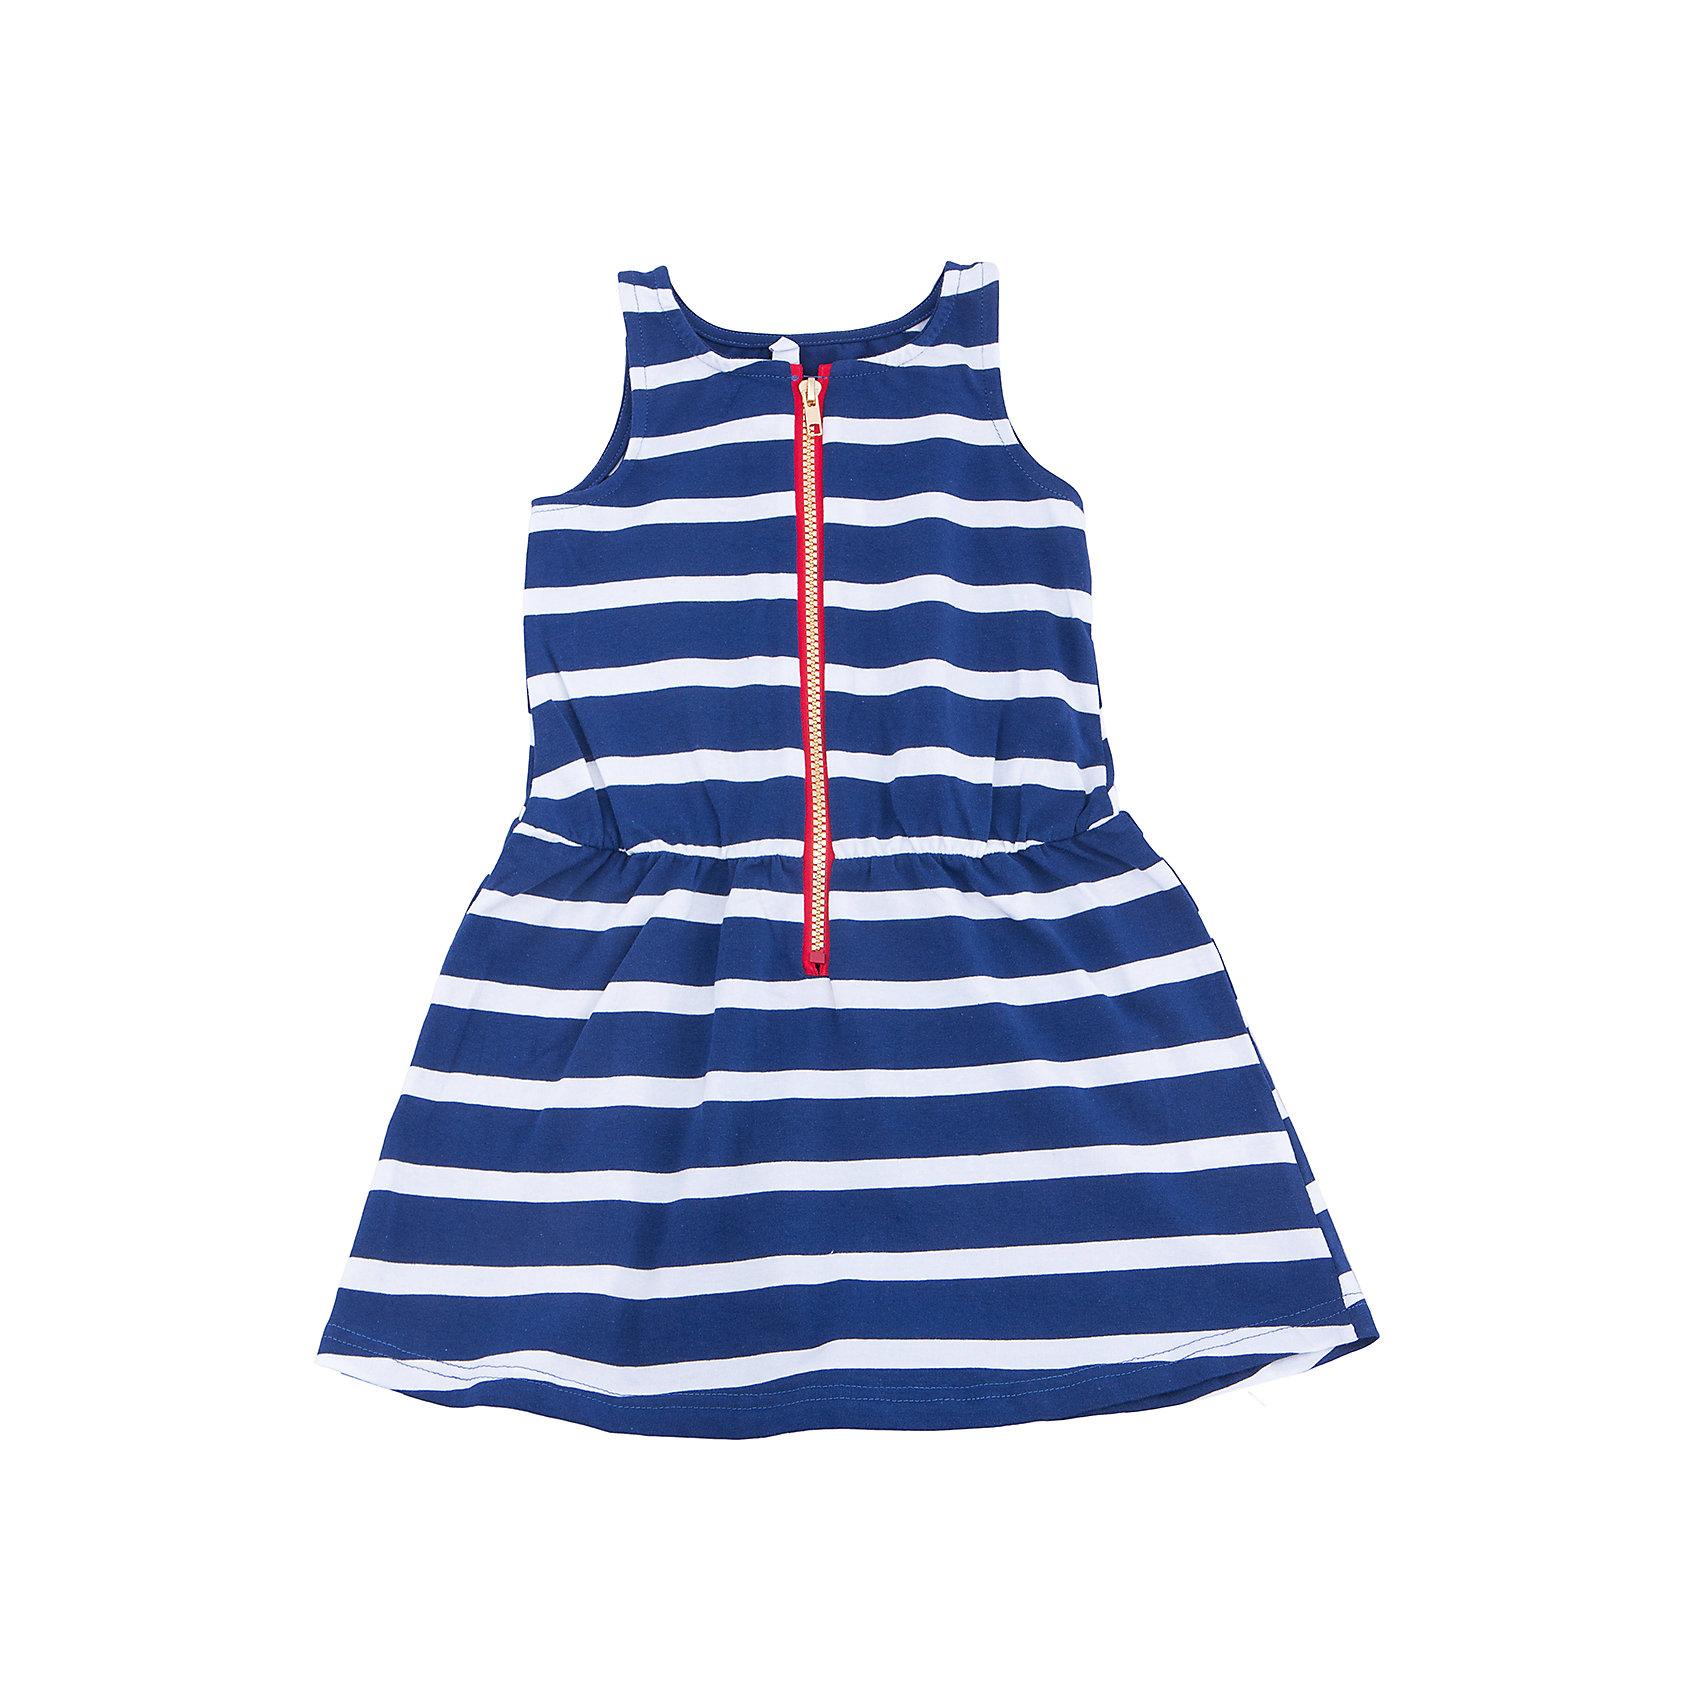 Платье для девочки PlayTodayПлатья и сарафаны<br>Характеристики товара:<br><br>• цвет: разноцветный<br>• состав: 95% хлопок, 5% эластан<br>• молния<br>• дышащий материал<br>• мягкая окантовка<br>• эластичный трикотаж<br>• без рукавов<br>• комфортная посадка<br>• коллекция: весна-лето 2017<br>• страна бренда: Германия<br>• страна производства: Китай<br><br>Популярный бренд PlayToday выпустил новую коллекцию! Вещи из неё продолжают радовать покупателей удобством, стильным дизайном и продуманным кроем. Дети носят их с удовольствием. <br>Такая стильная модель обеспечит ребенку комфорт благодаря качественному материалу и продуманному крою. В составе ткани - натуральный хлопок, который позволяет коже дышать и не вызывает аллергии. Такие вещи очень просты в уходе.<br>PlayToday - это линейка товаров, созданная специально для детей. Дизайнеры учитывают новые веяния моды и потребности детей. Порадуйте ребенка обновкой от проверенного производителя!<br><br>Платье для девочки от известного бренда PlayToday можно купить в нашем интернет-магазине.<br><br>Ширина мм: 236<br>Глубина мм: 16<br>Высота мм: 184<br>Вес г: 177<br>Цвет: белый<br>Возраст от месяцев: 24<br>Возраст до месяцев: 36<br>Пол: Женский<br>Возраст: Детский<br>Размер: 98,116,110,122,128,104<br>SKU: 5604073